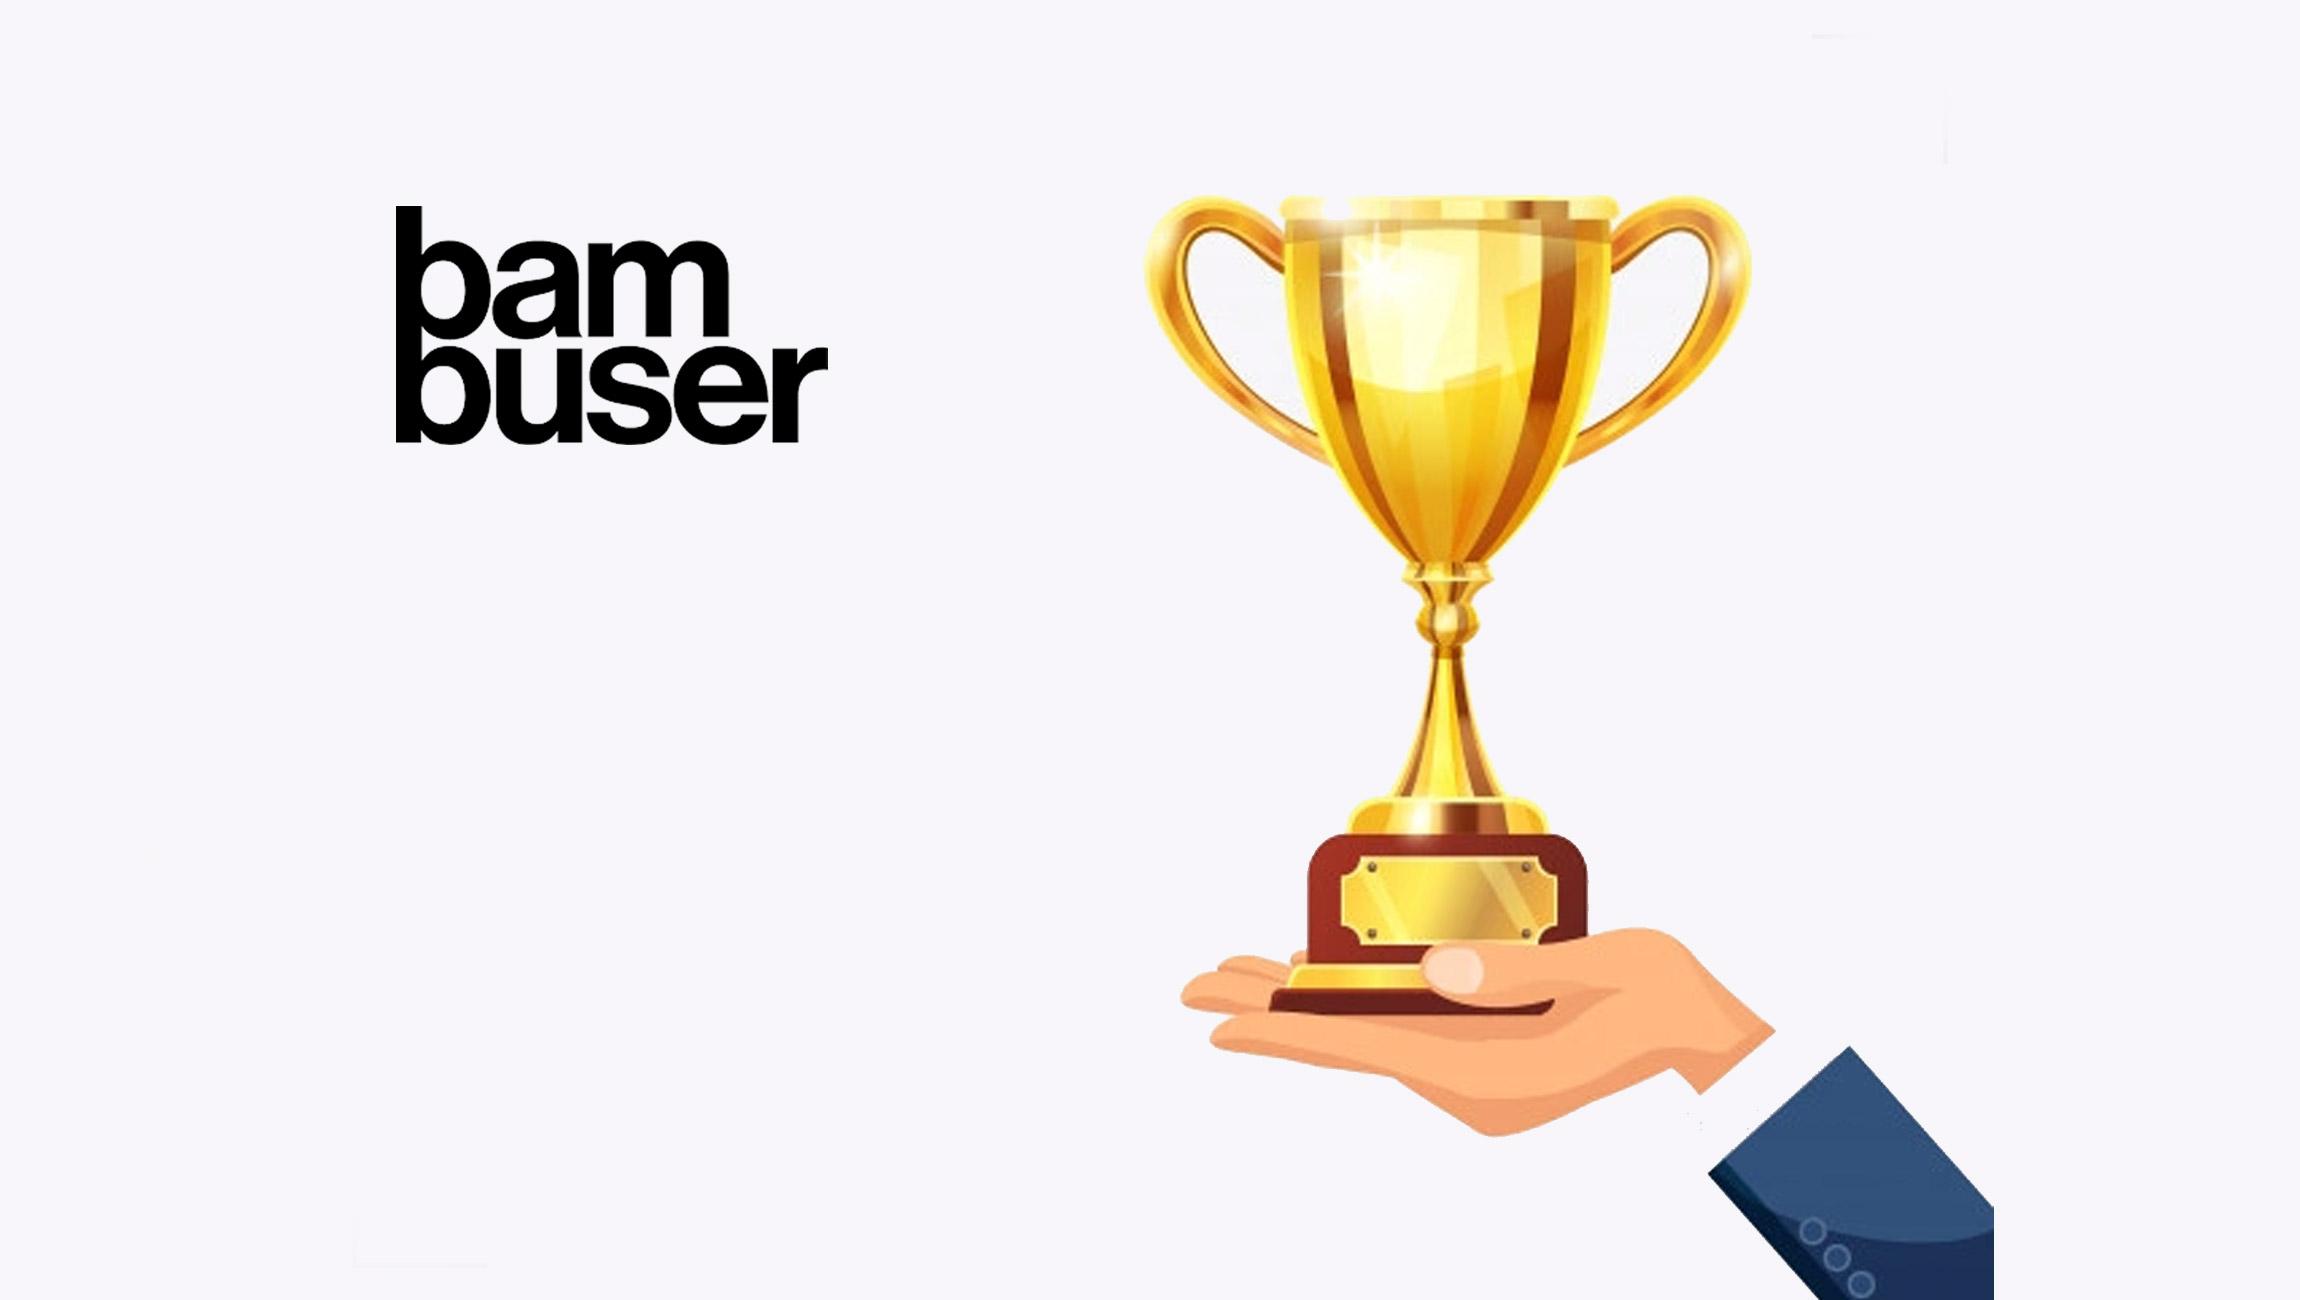 Bambuser Wins 2021 LVMH Innovation Award